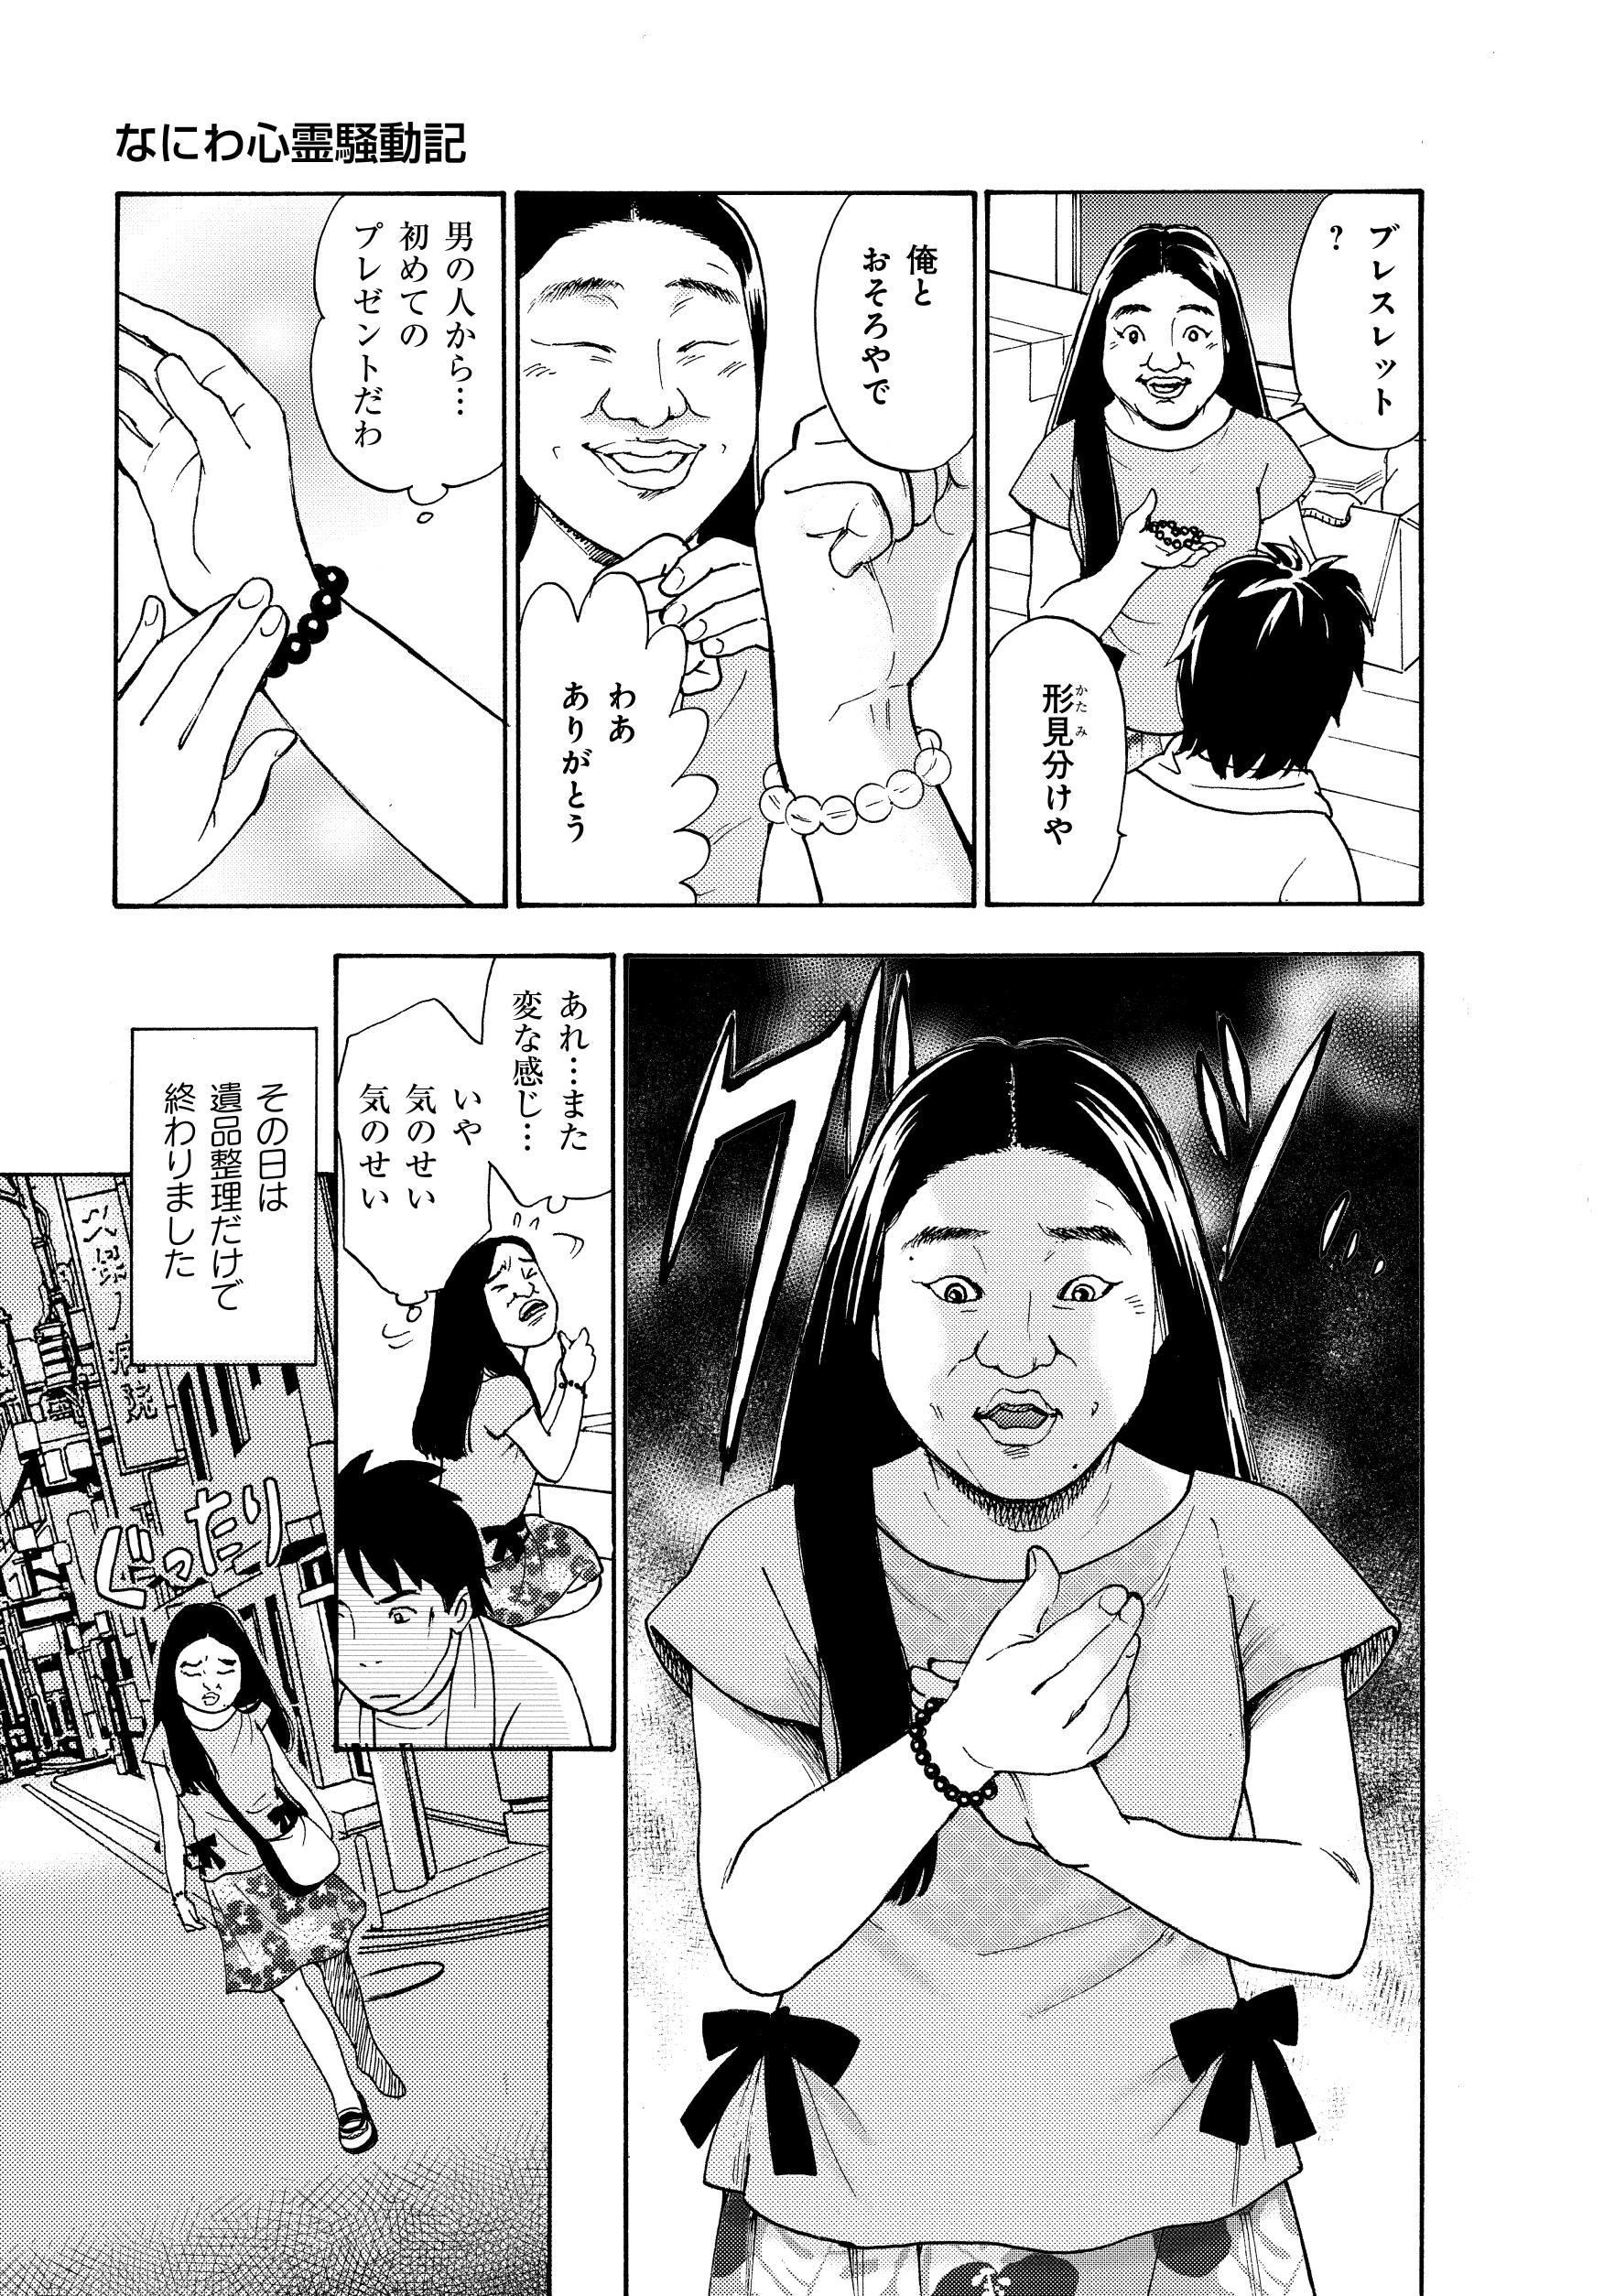 原作特集_171.jpg